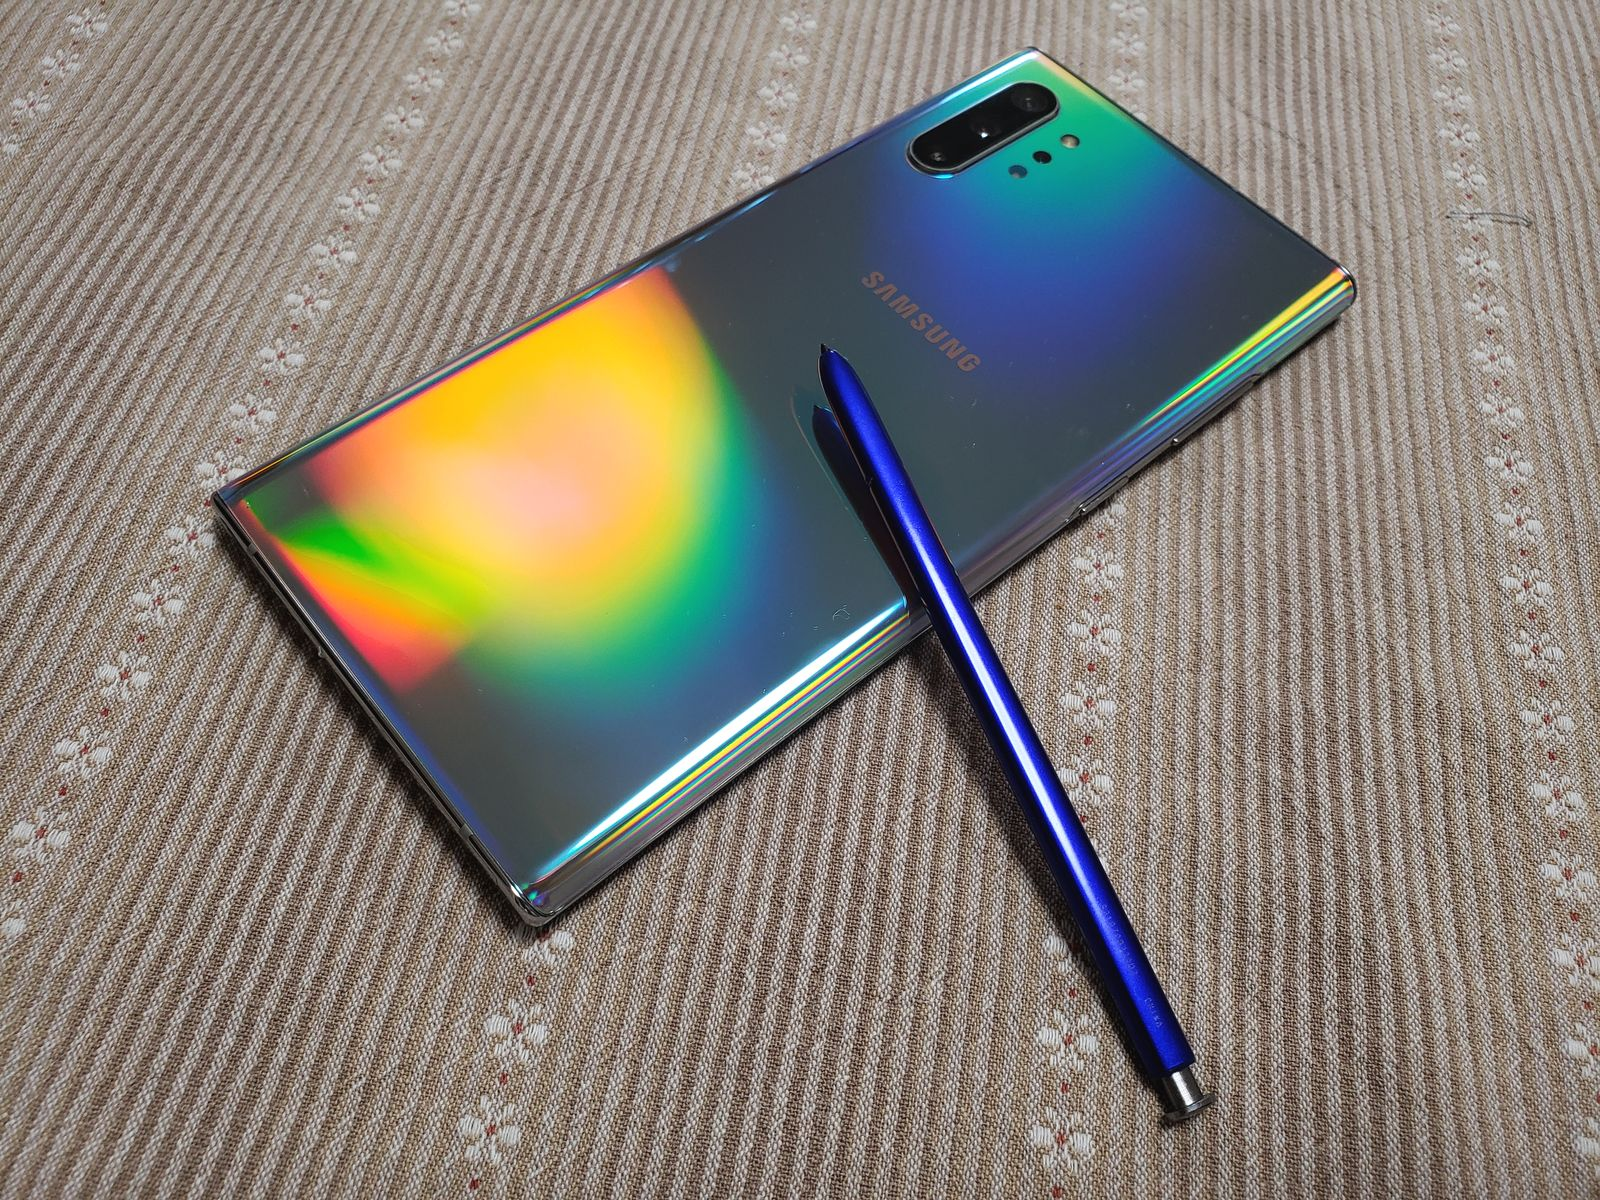 経過レポ Galaxy Note 10 を約2ヶ月弱使ってみたリアルな感想 購入時の参考にしてね ひとぅブログ